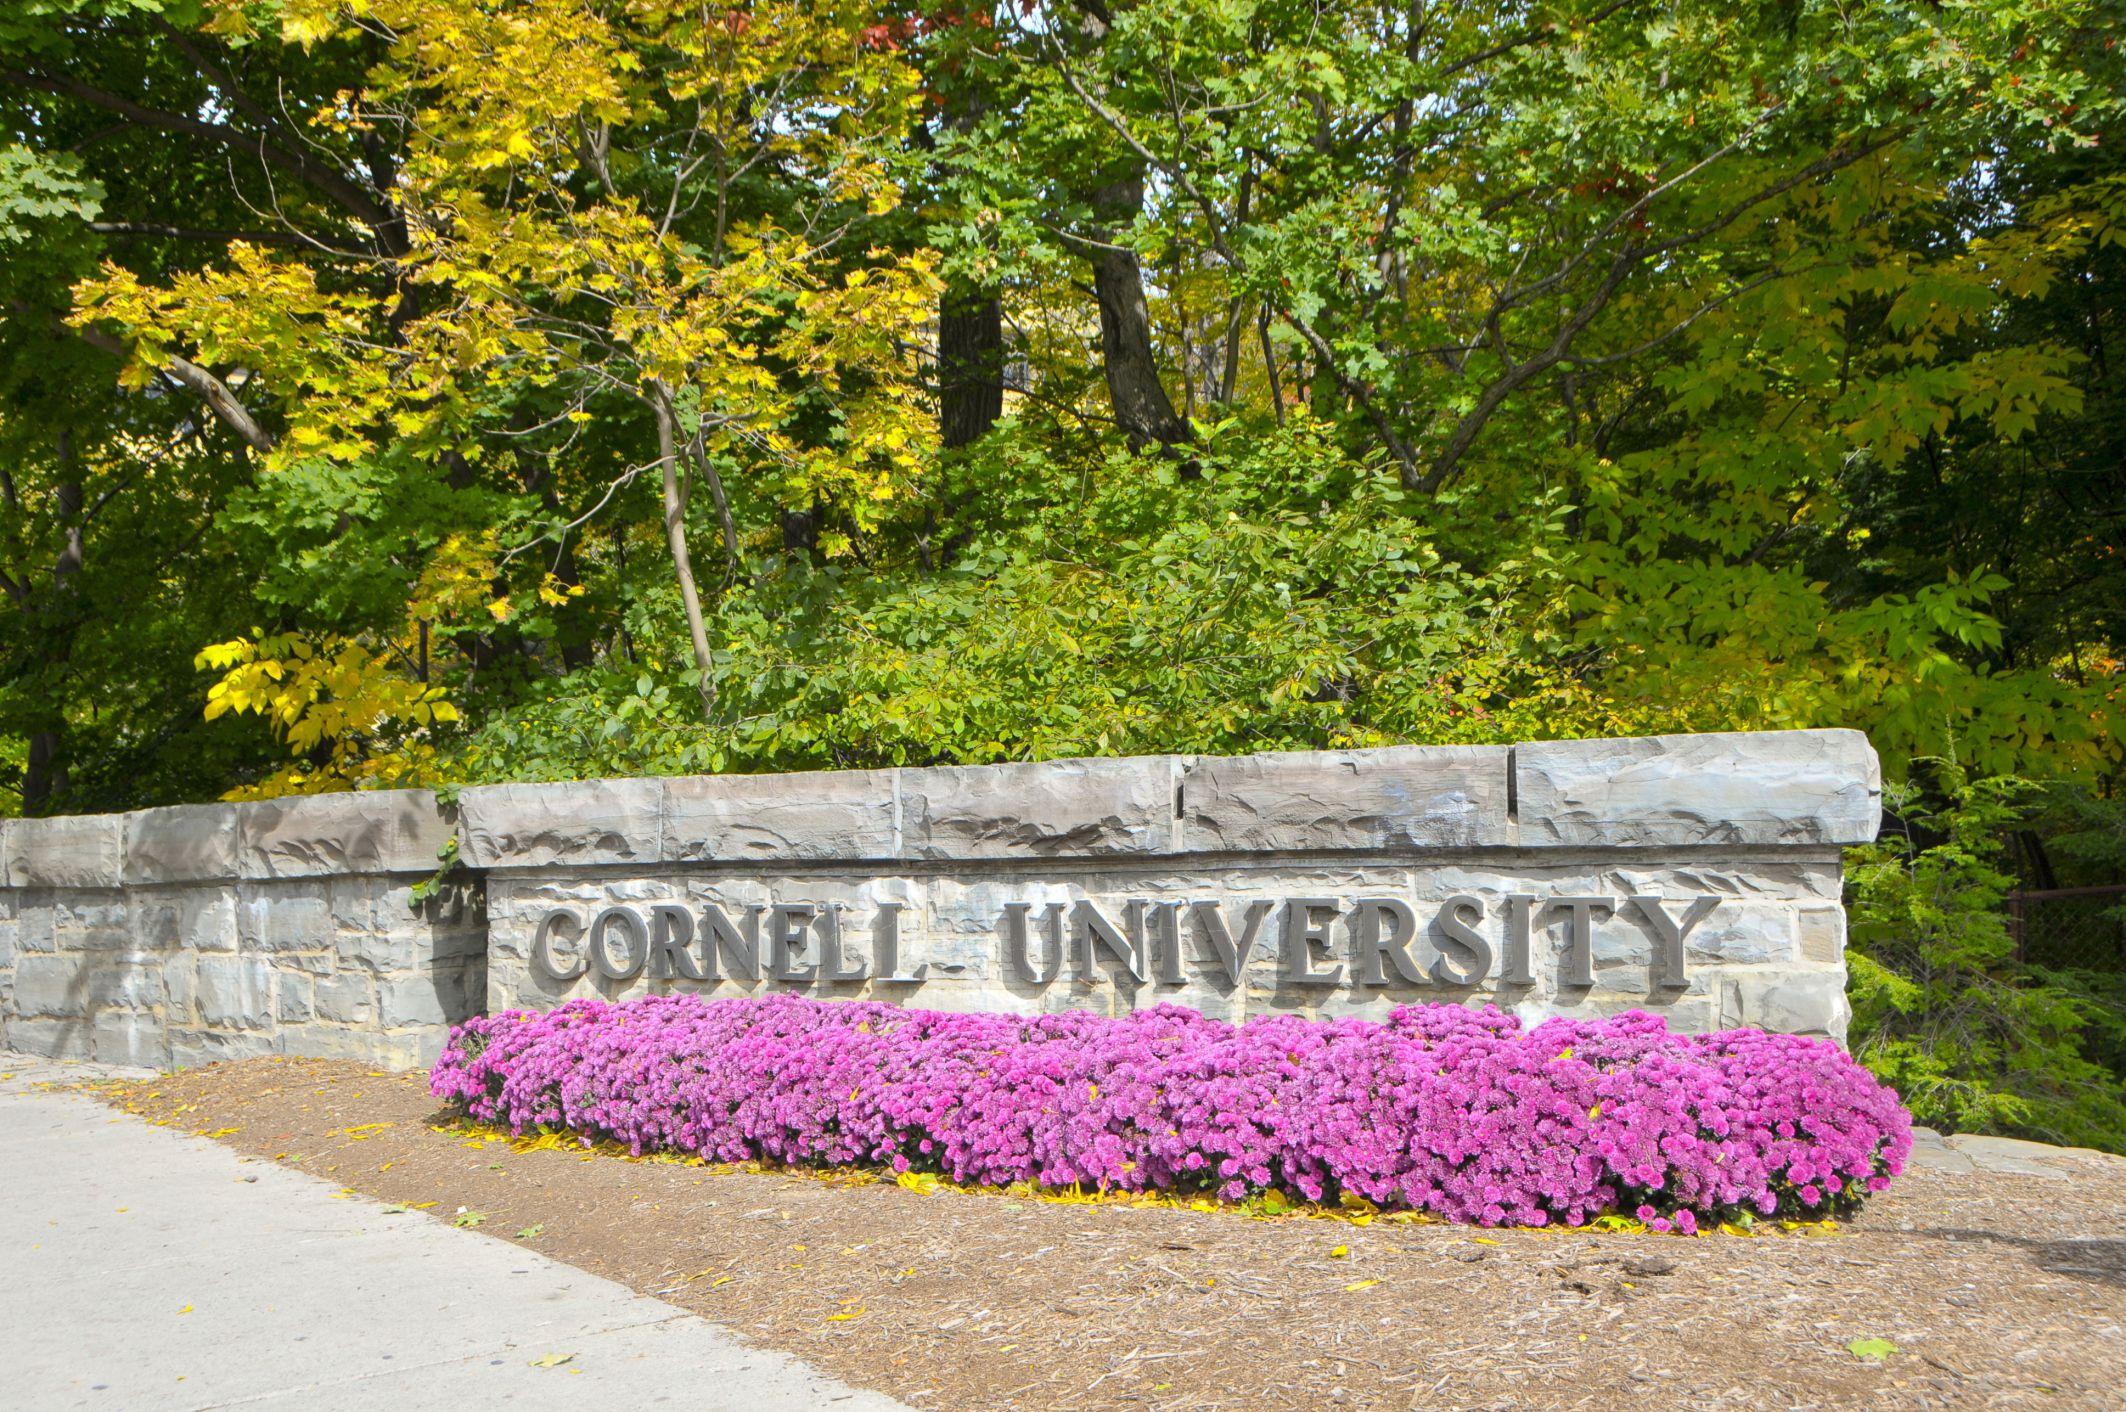 De las Ivy League, Cornell es la que tiene el mejor programa de ingeniería.